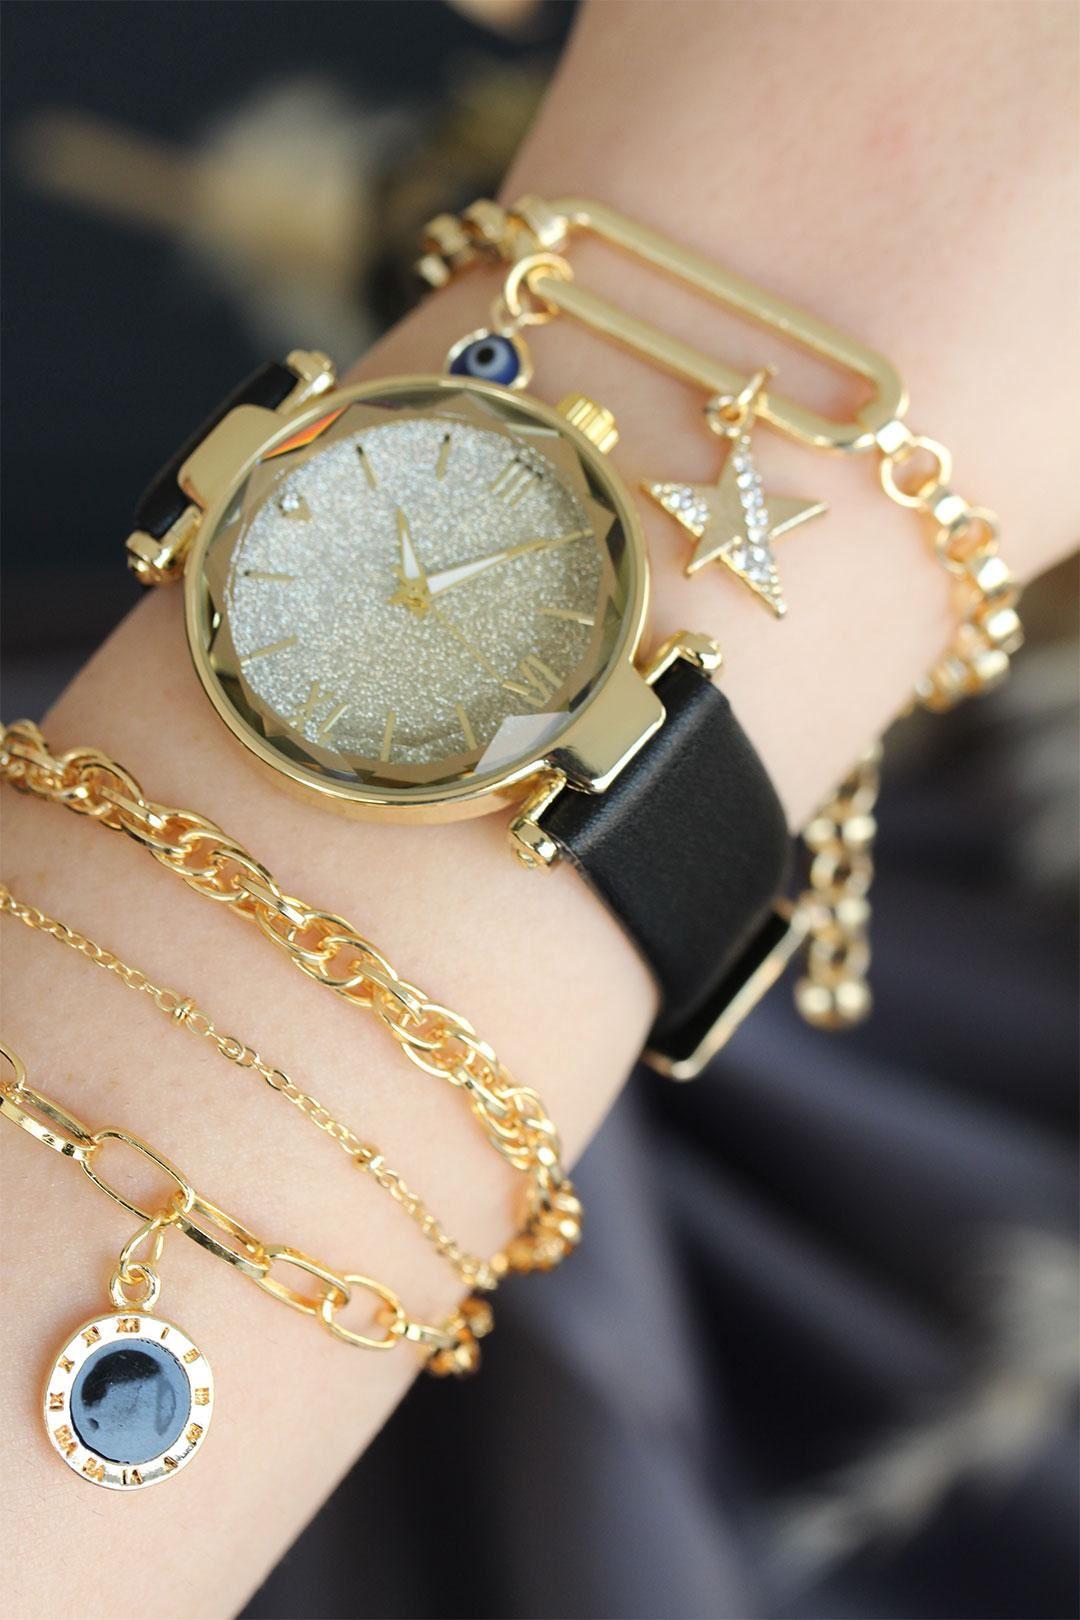 Siyah Renk Deri Kordonlu Gold Kasa Kadın Saat ve Bileklik Kombini